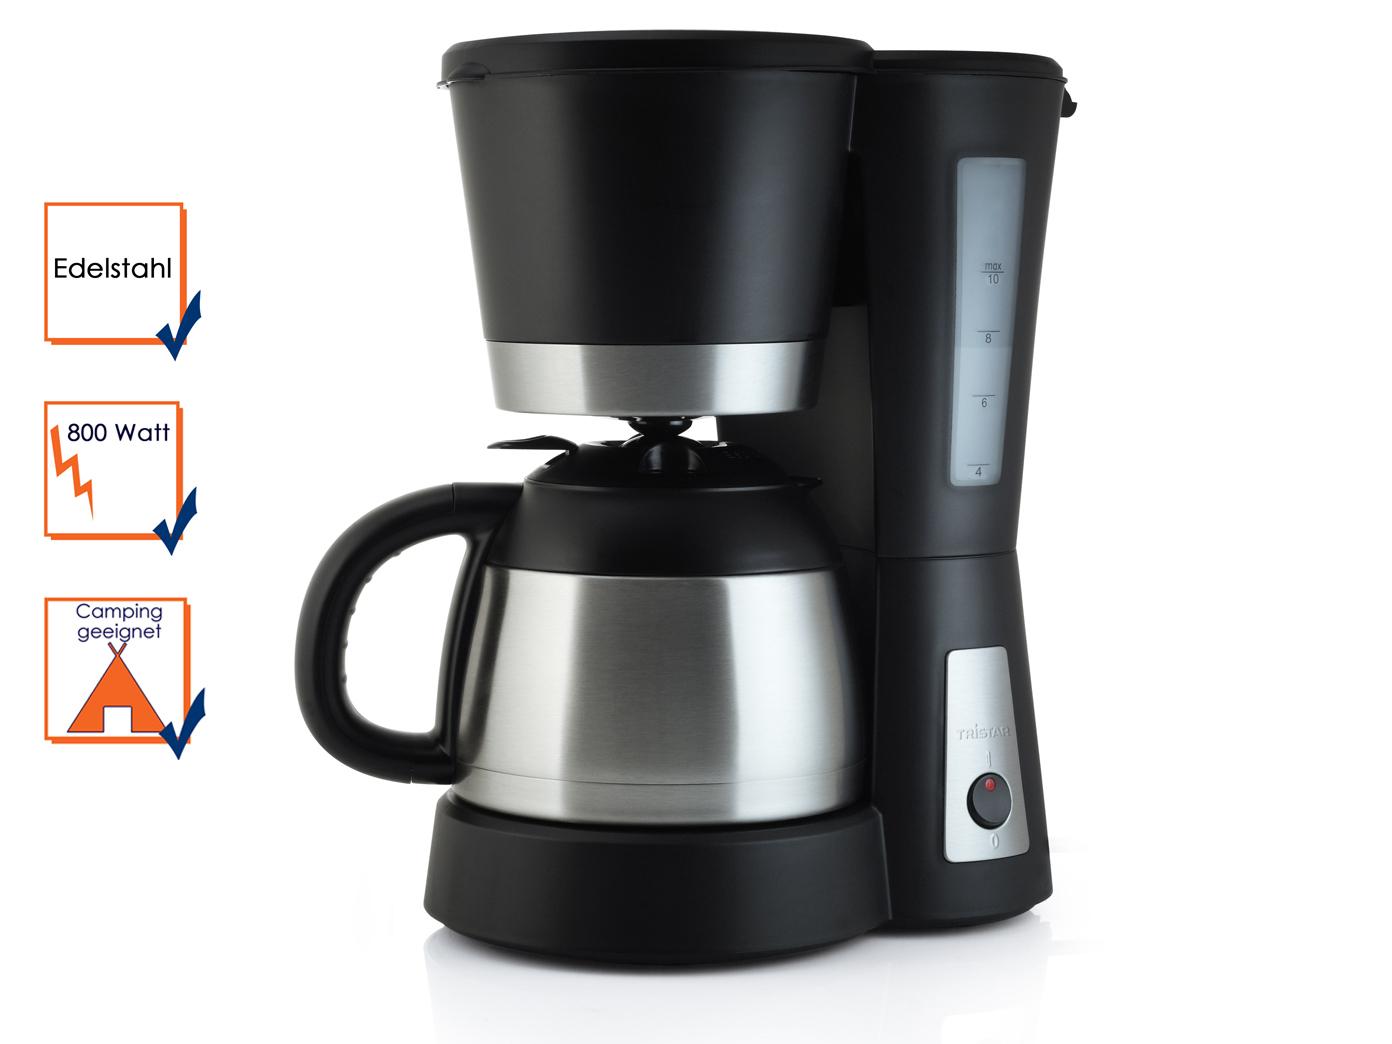 kaffeemaschine mit thermoskanne 1liter 800 watt. Black Bedroom Furniture Sets. Home Design Ideas